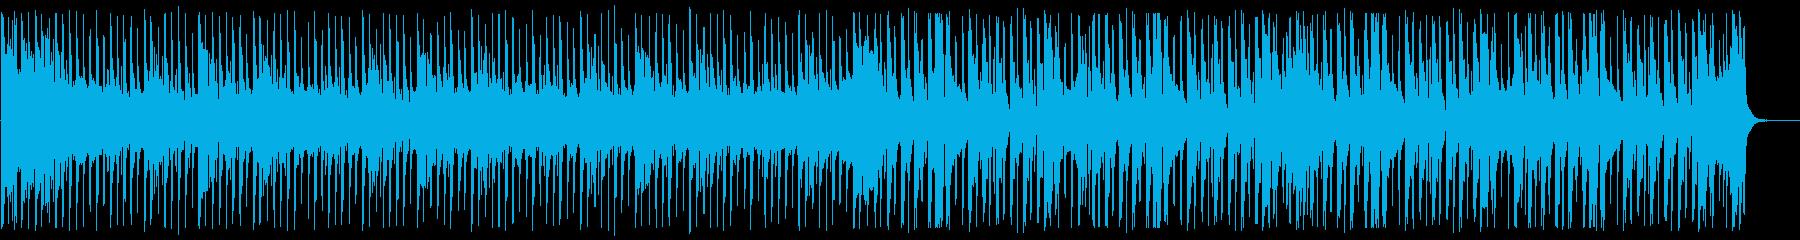 サイバーなディープハウス_No679_3の再生済みの波形